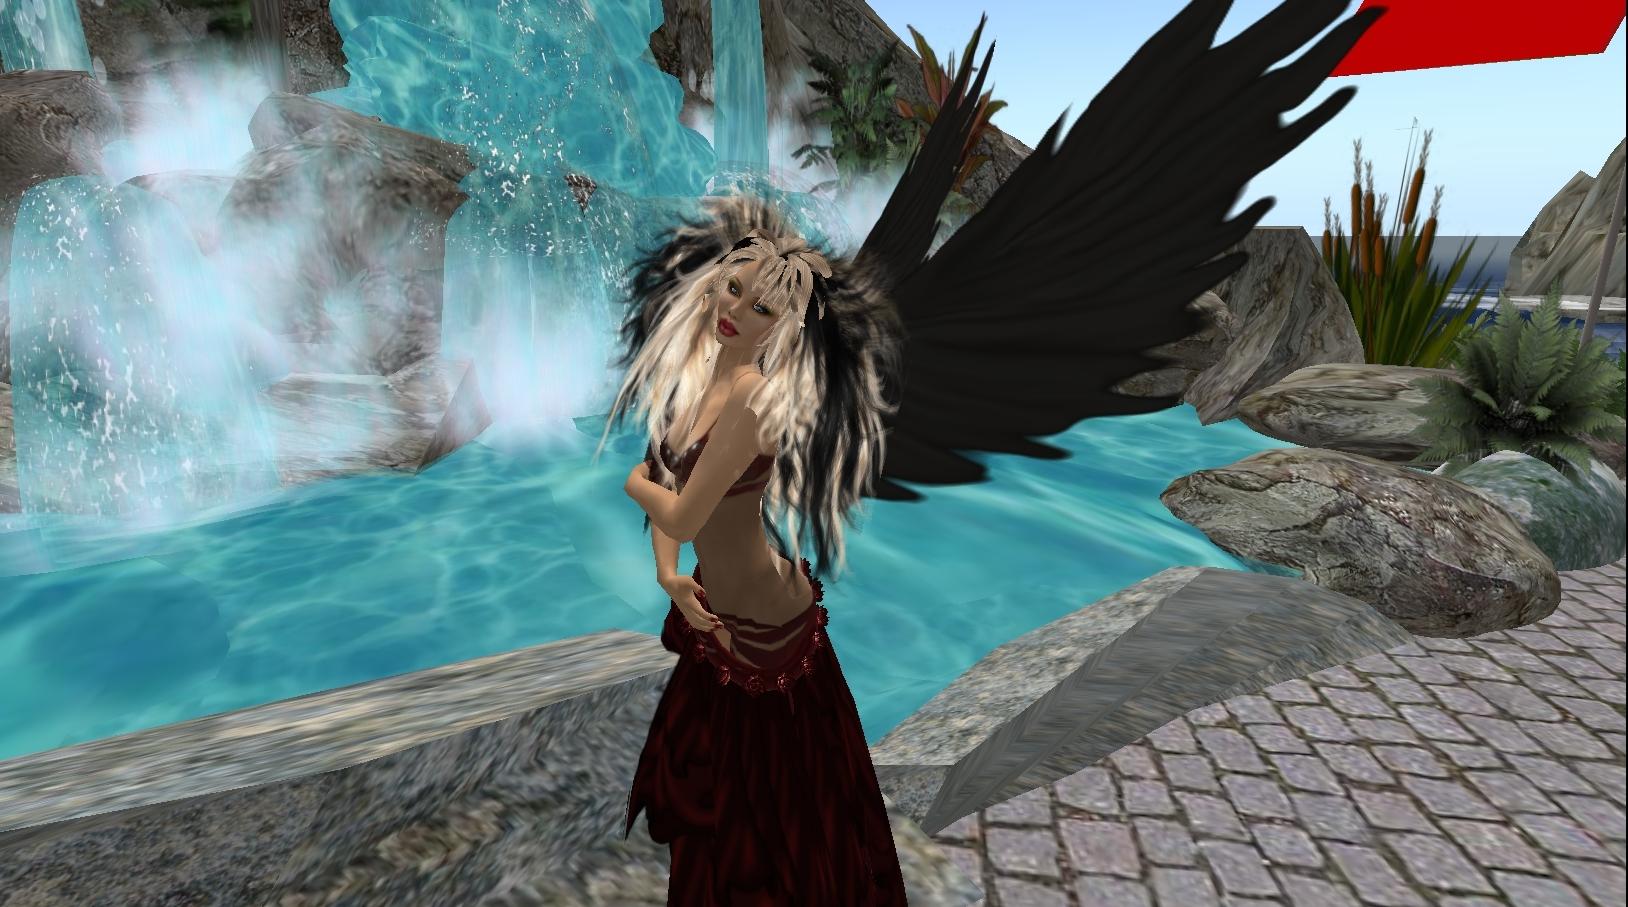 Pandoras Avatar Looks Pandoras Sekunde Life Image